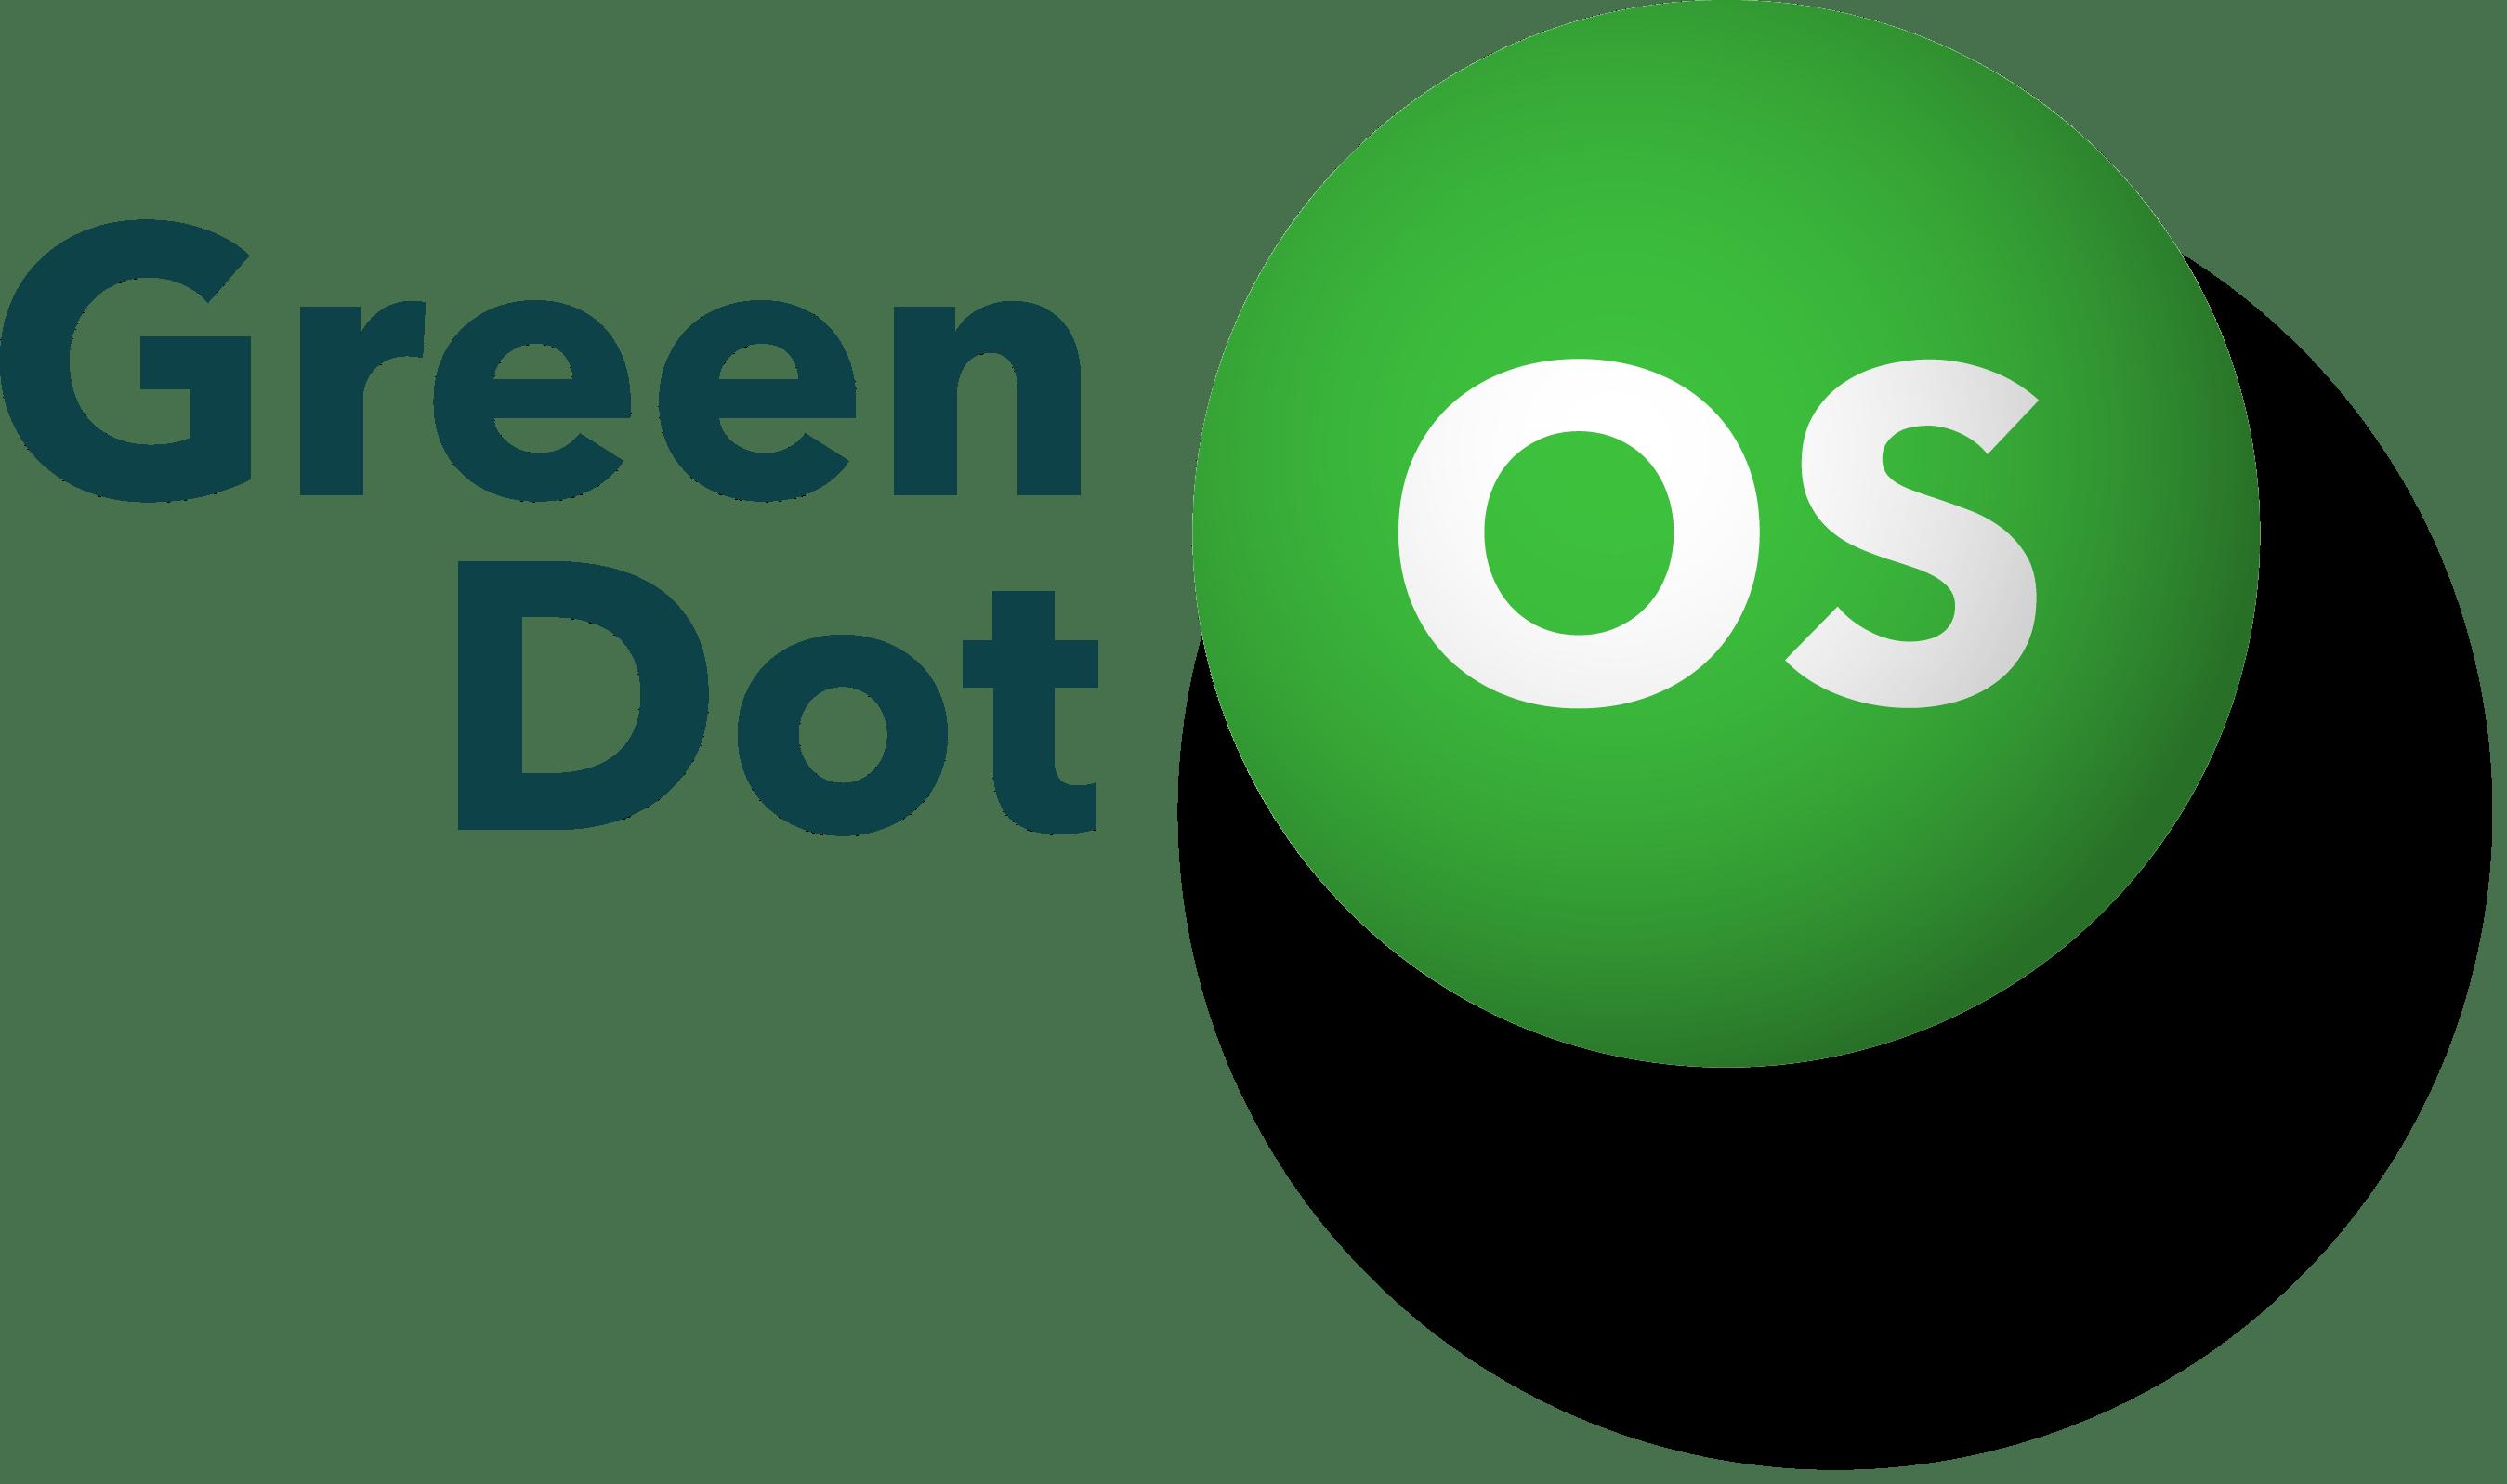 Green Dot OS logo